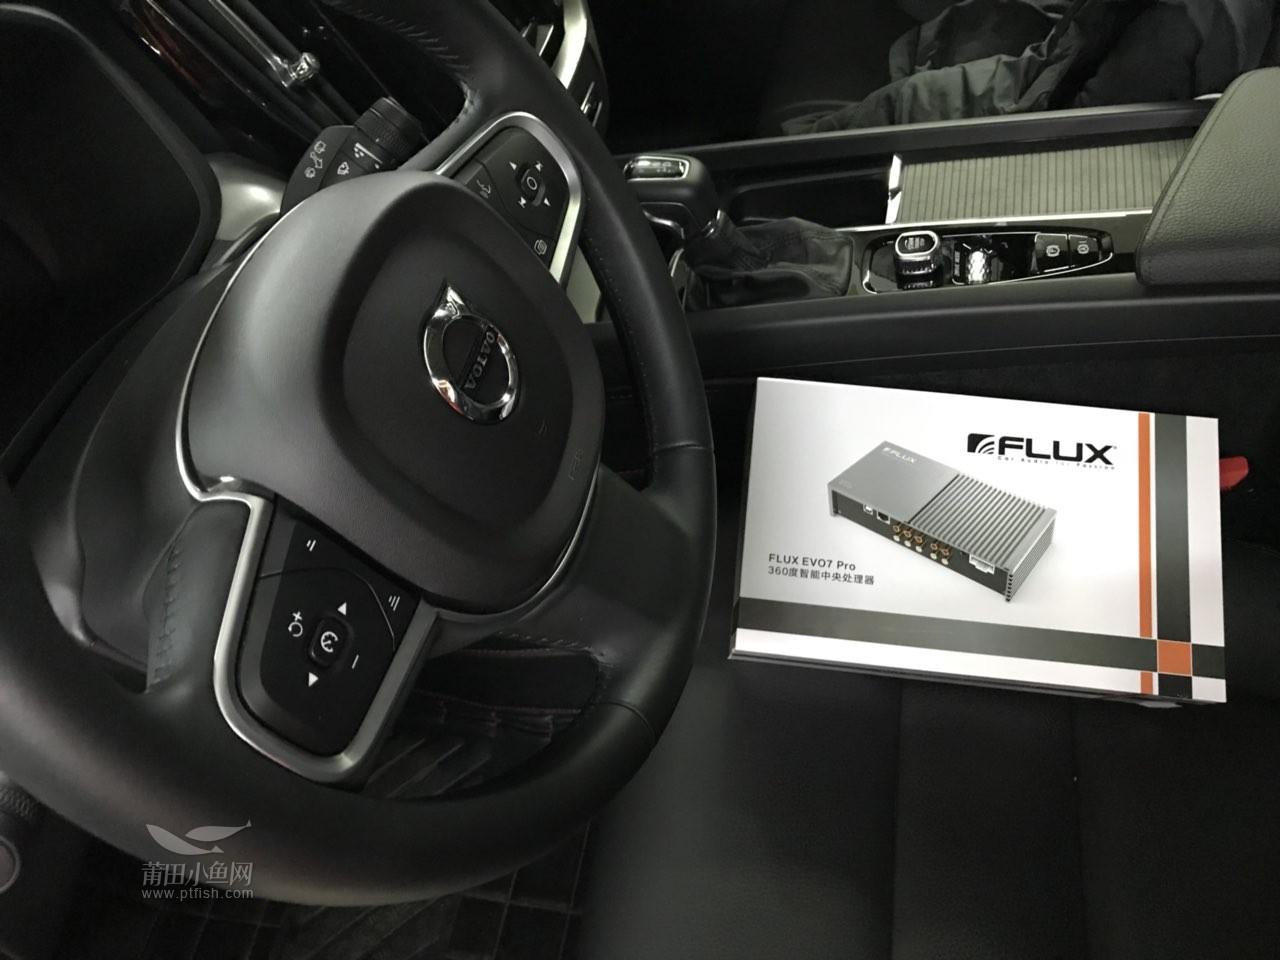 莆田汽车音响改装—-沃尔沃xc60加装德国flus音频处理